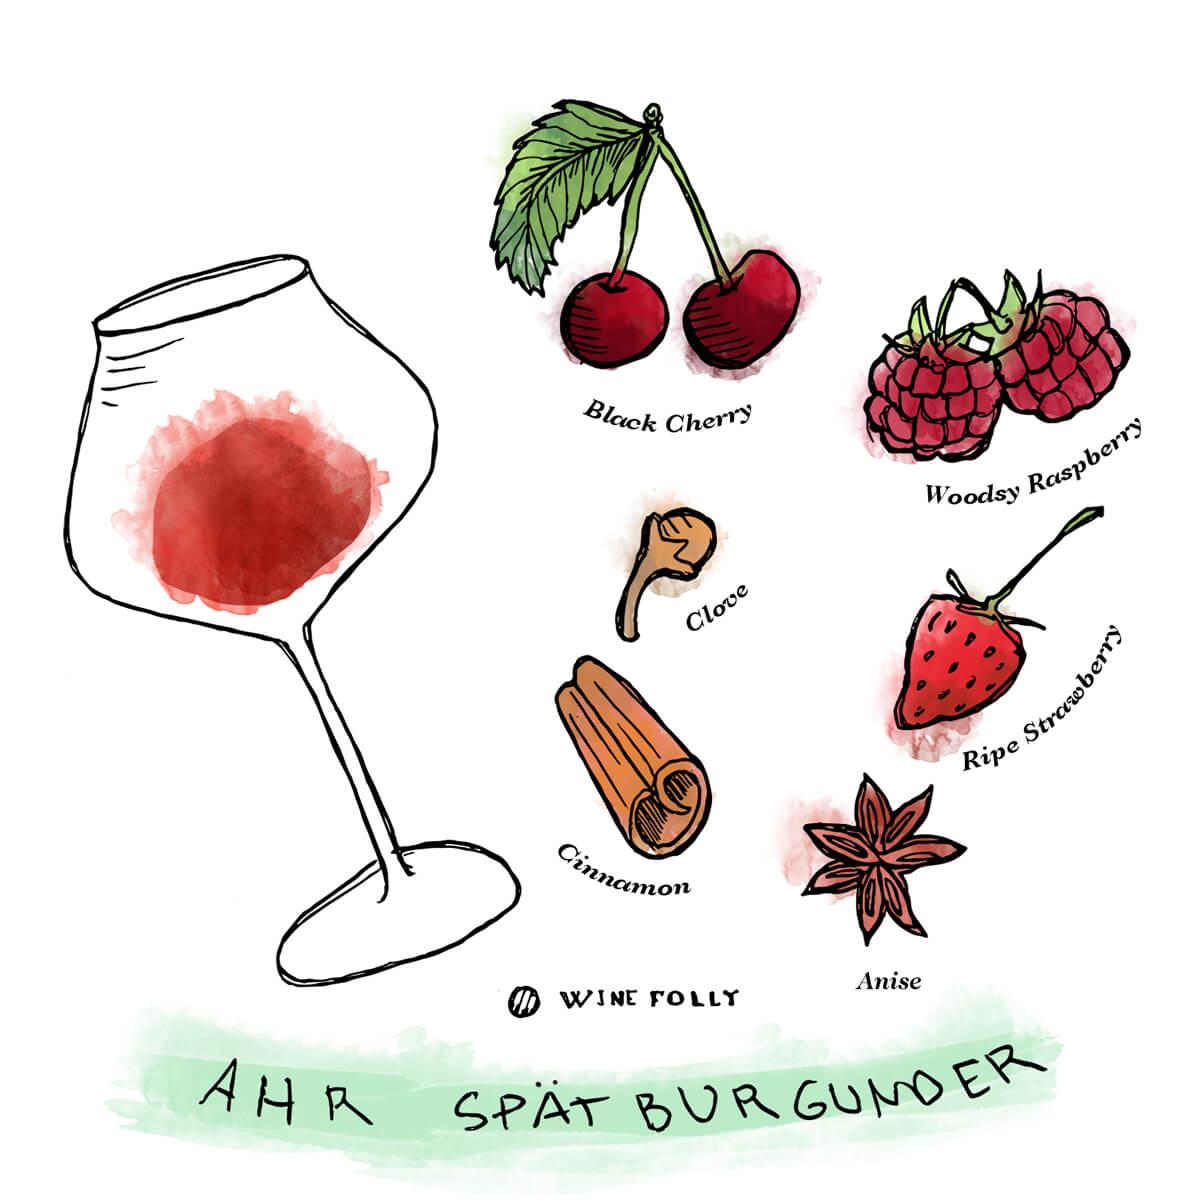 Ahr-Pinot-Noir-Spatburgunder-Tasting-Notes-WineFolly-Illustration